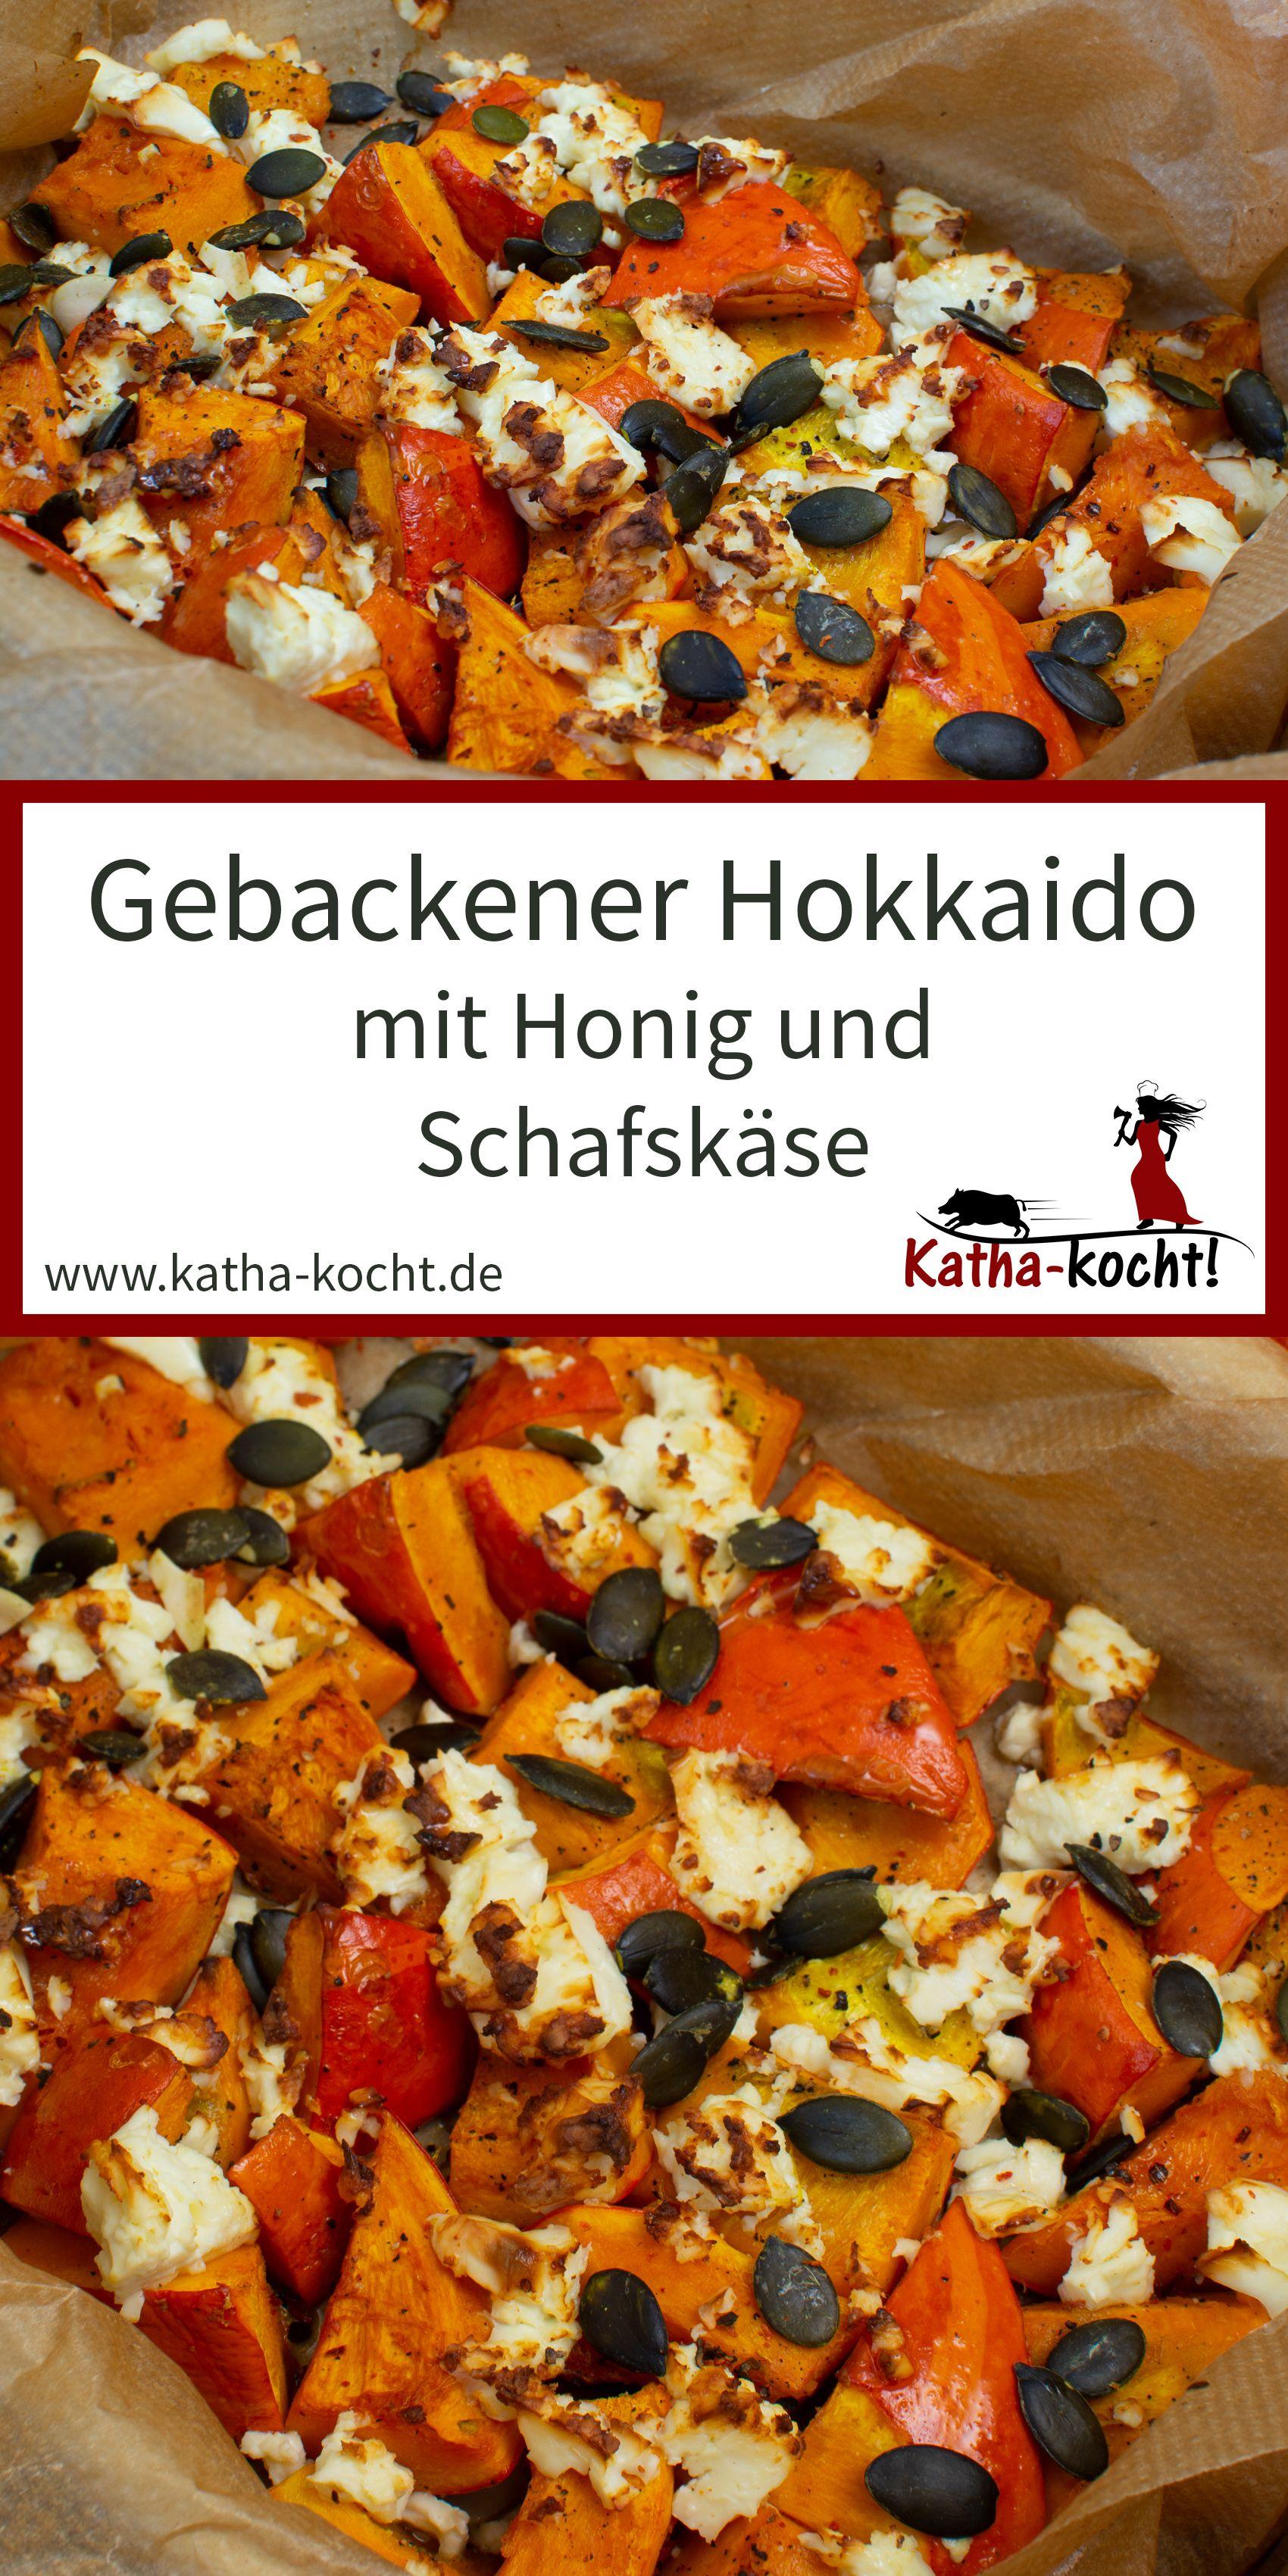 Gebackener Hokkaido mit Honig und Schafskäse #vegetarischerezepte